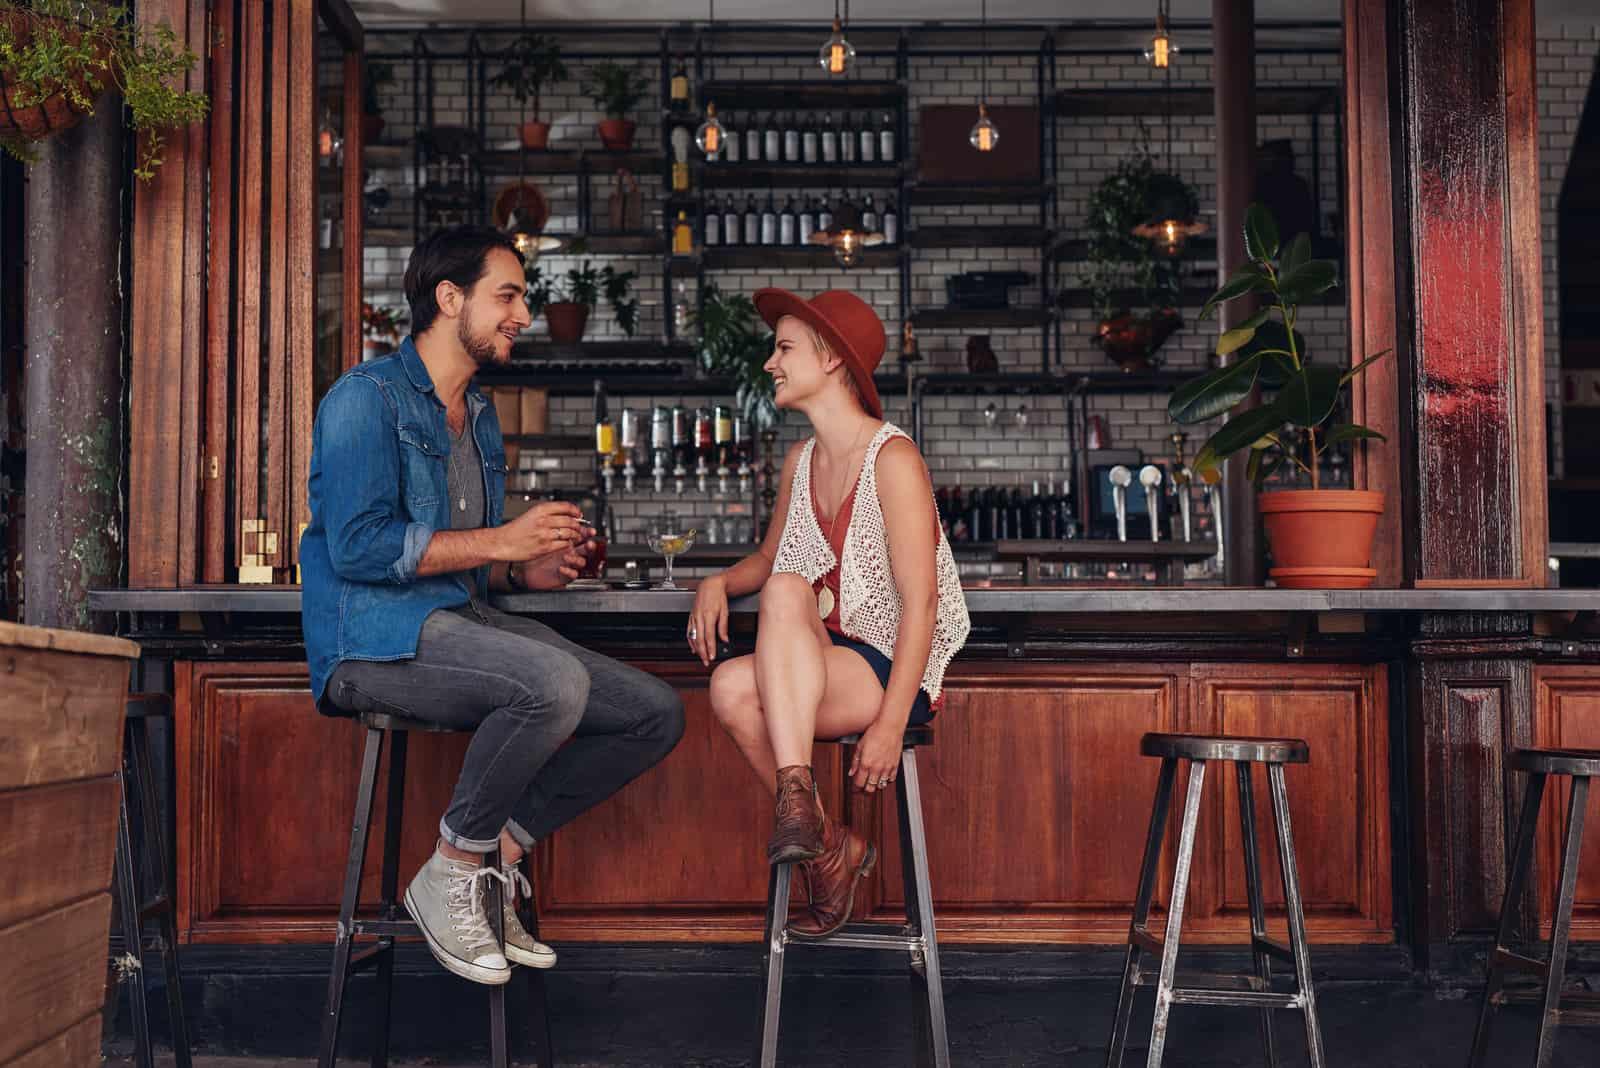 homme et femme parlant assis sur des chaises de bar